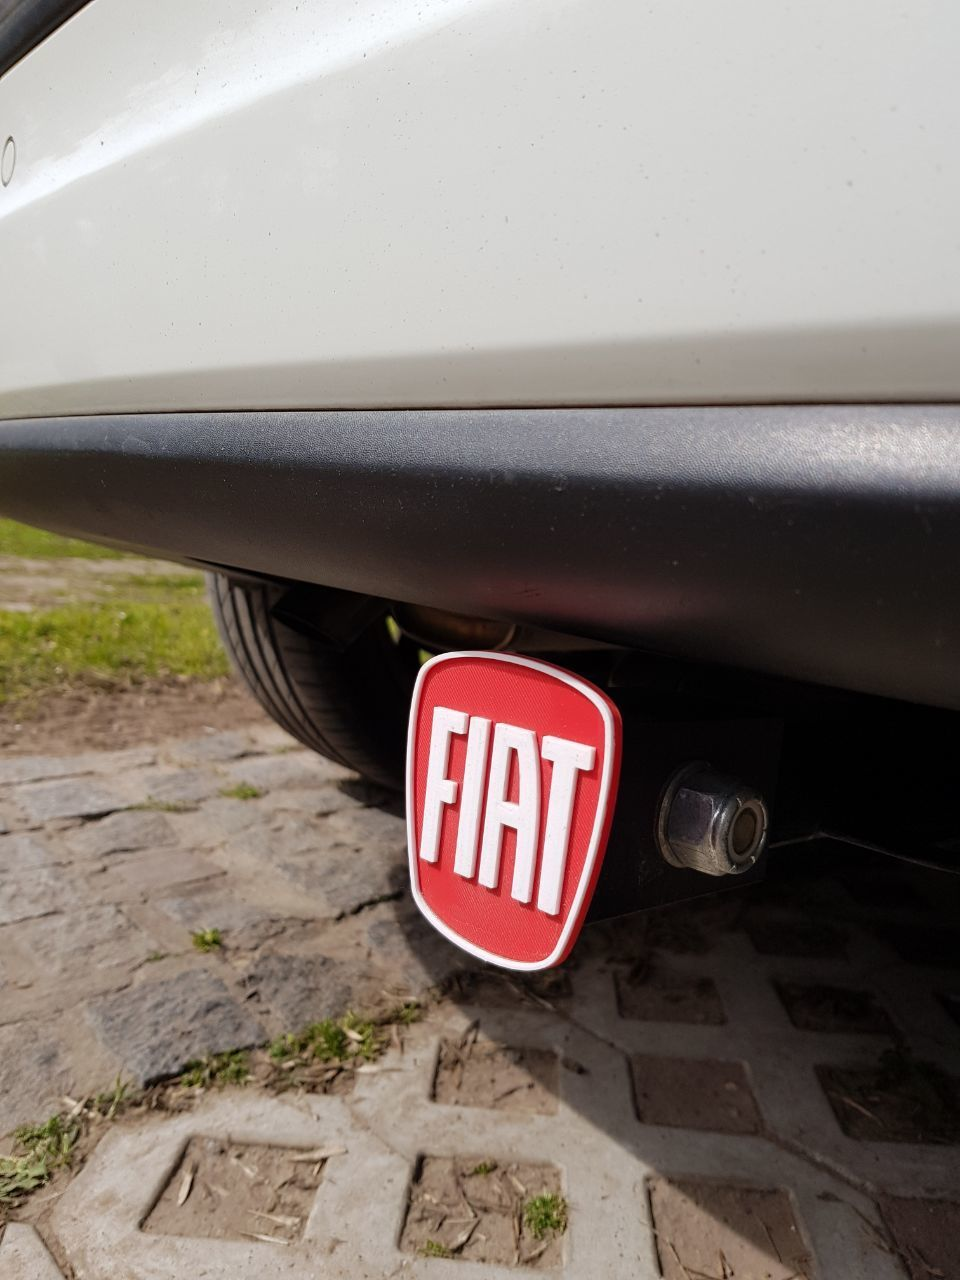 photo5123220940279359597.jpg Télécharger fichier STL Remorque Fiat Trailer couvre-accessoires • Objet pour impression 3D, romerogagustin